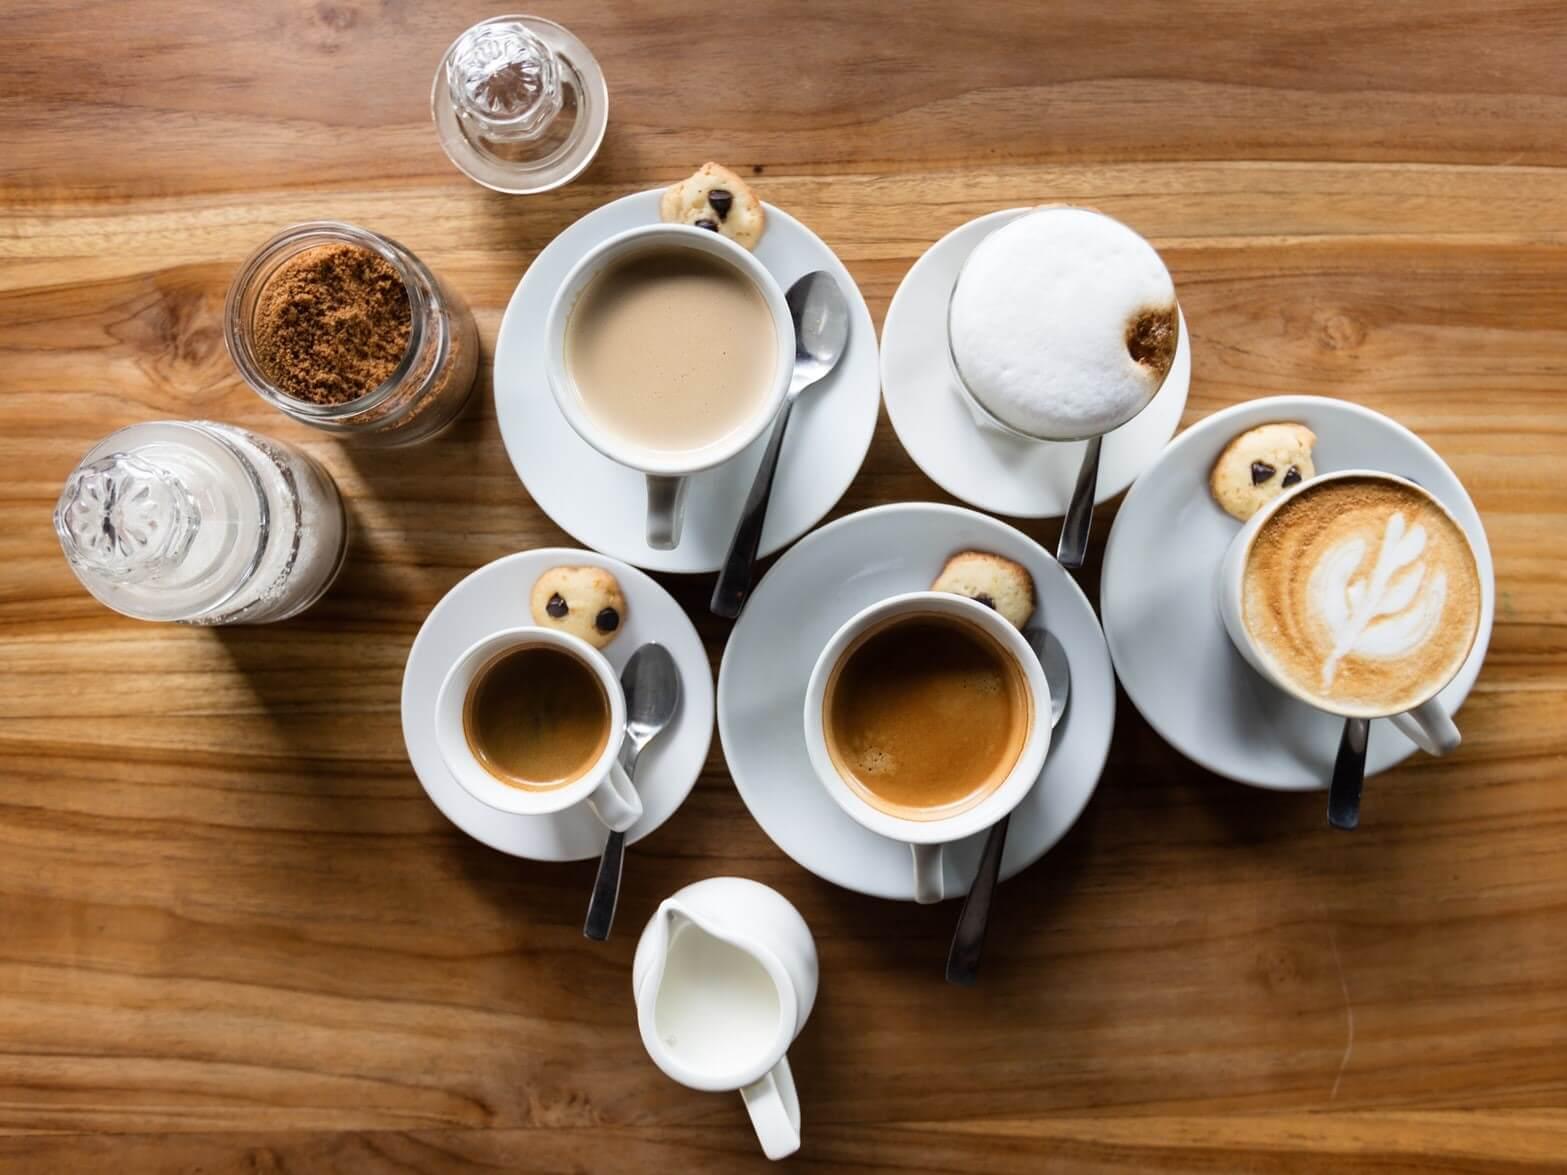 Dünya Kahveleri, World Coffee